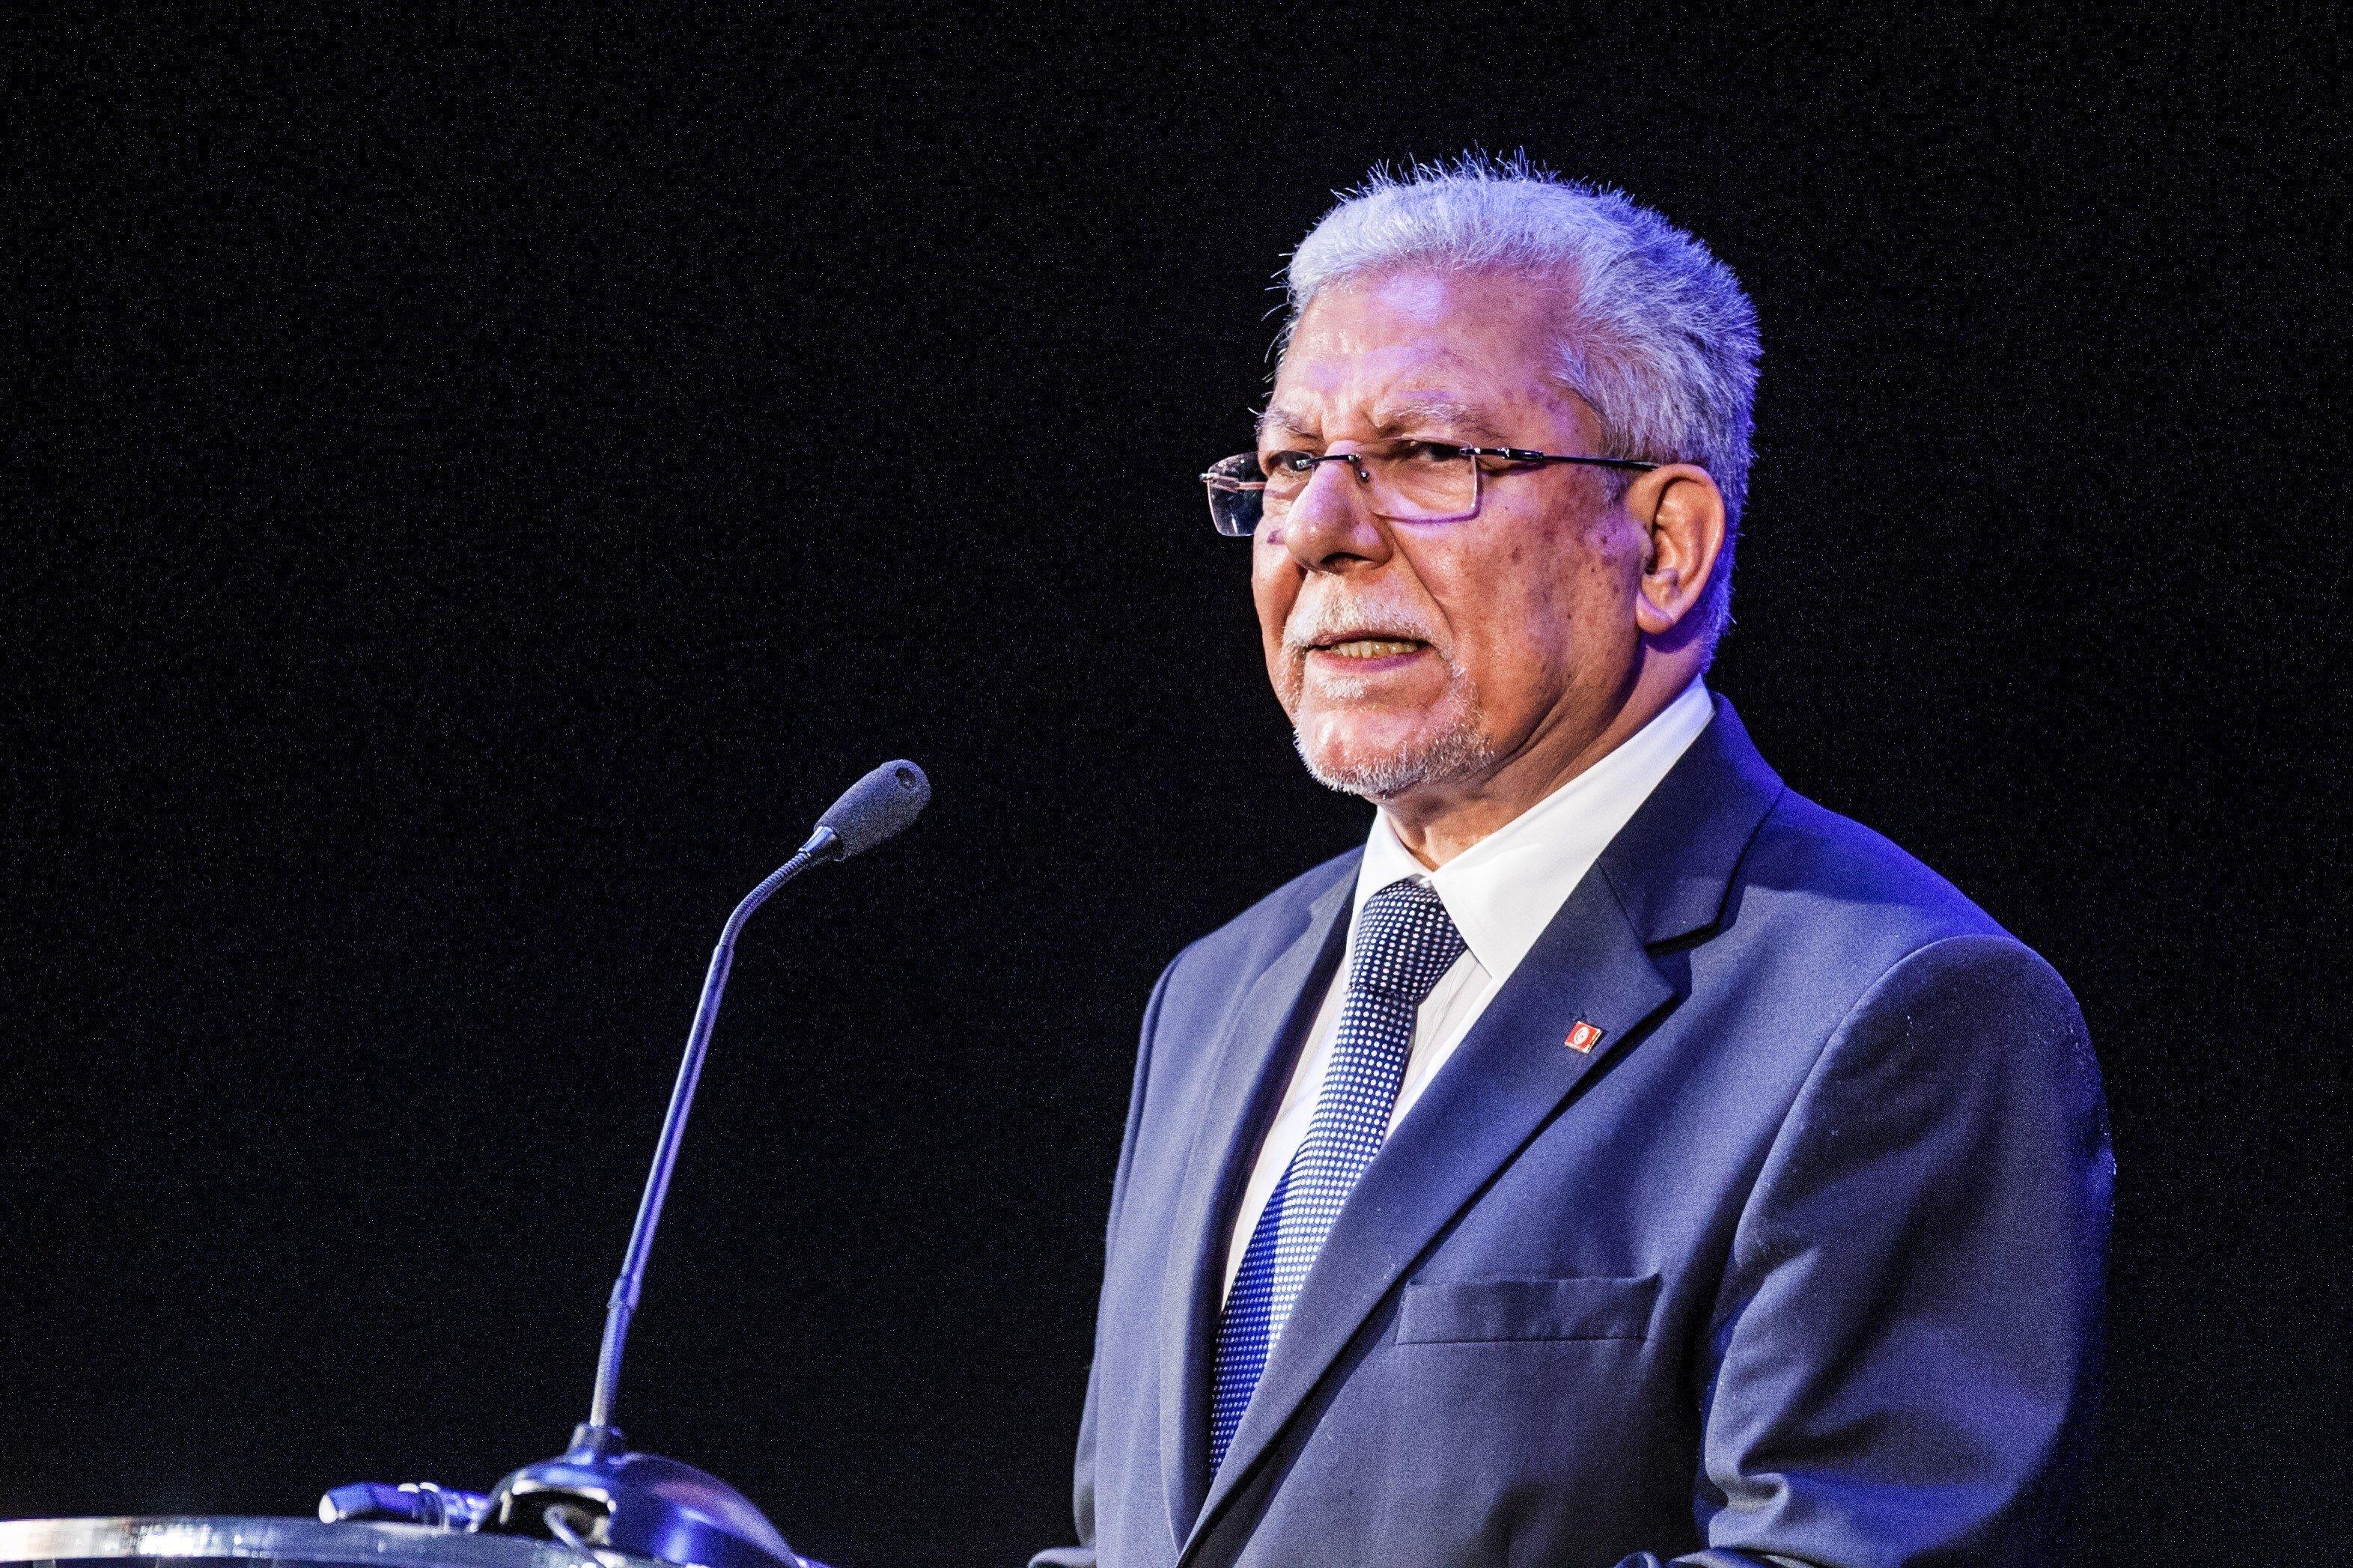 L'Union du Maghreb Arabe appelle les pays maghrébins à présenter une candidature commune pour la Coupe du monde